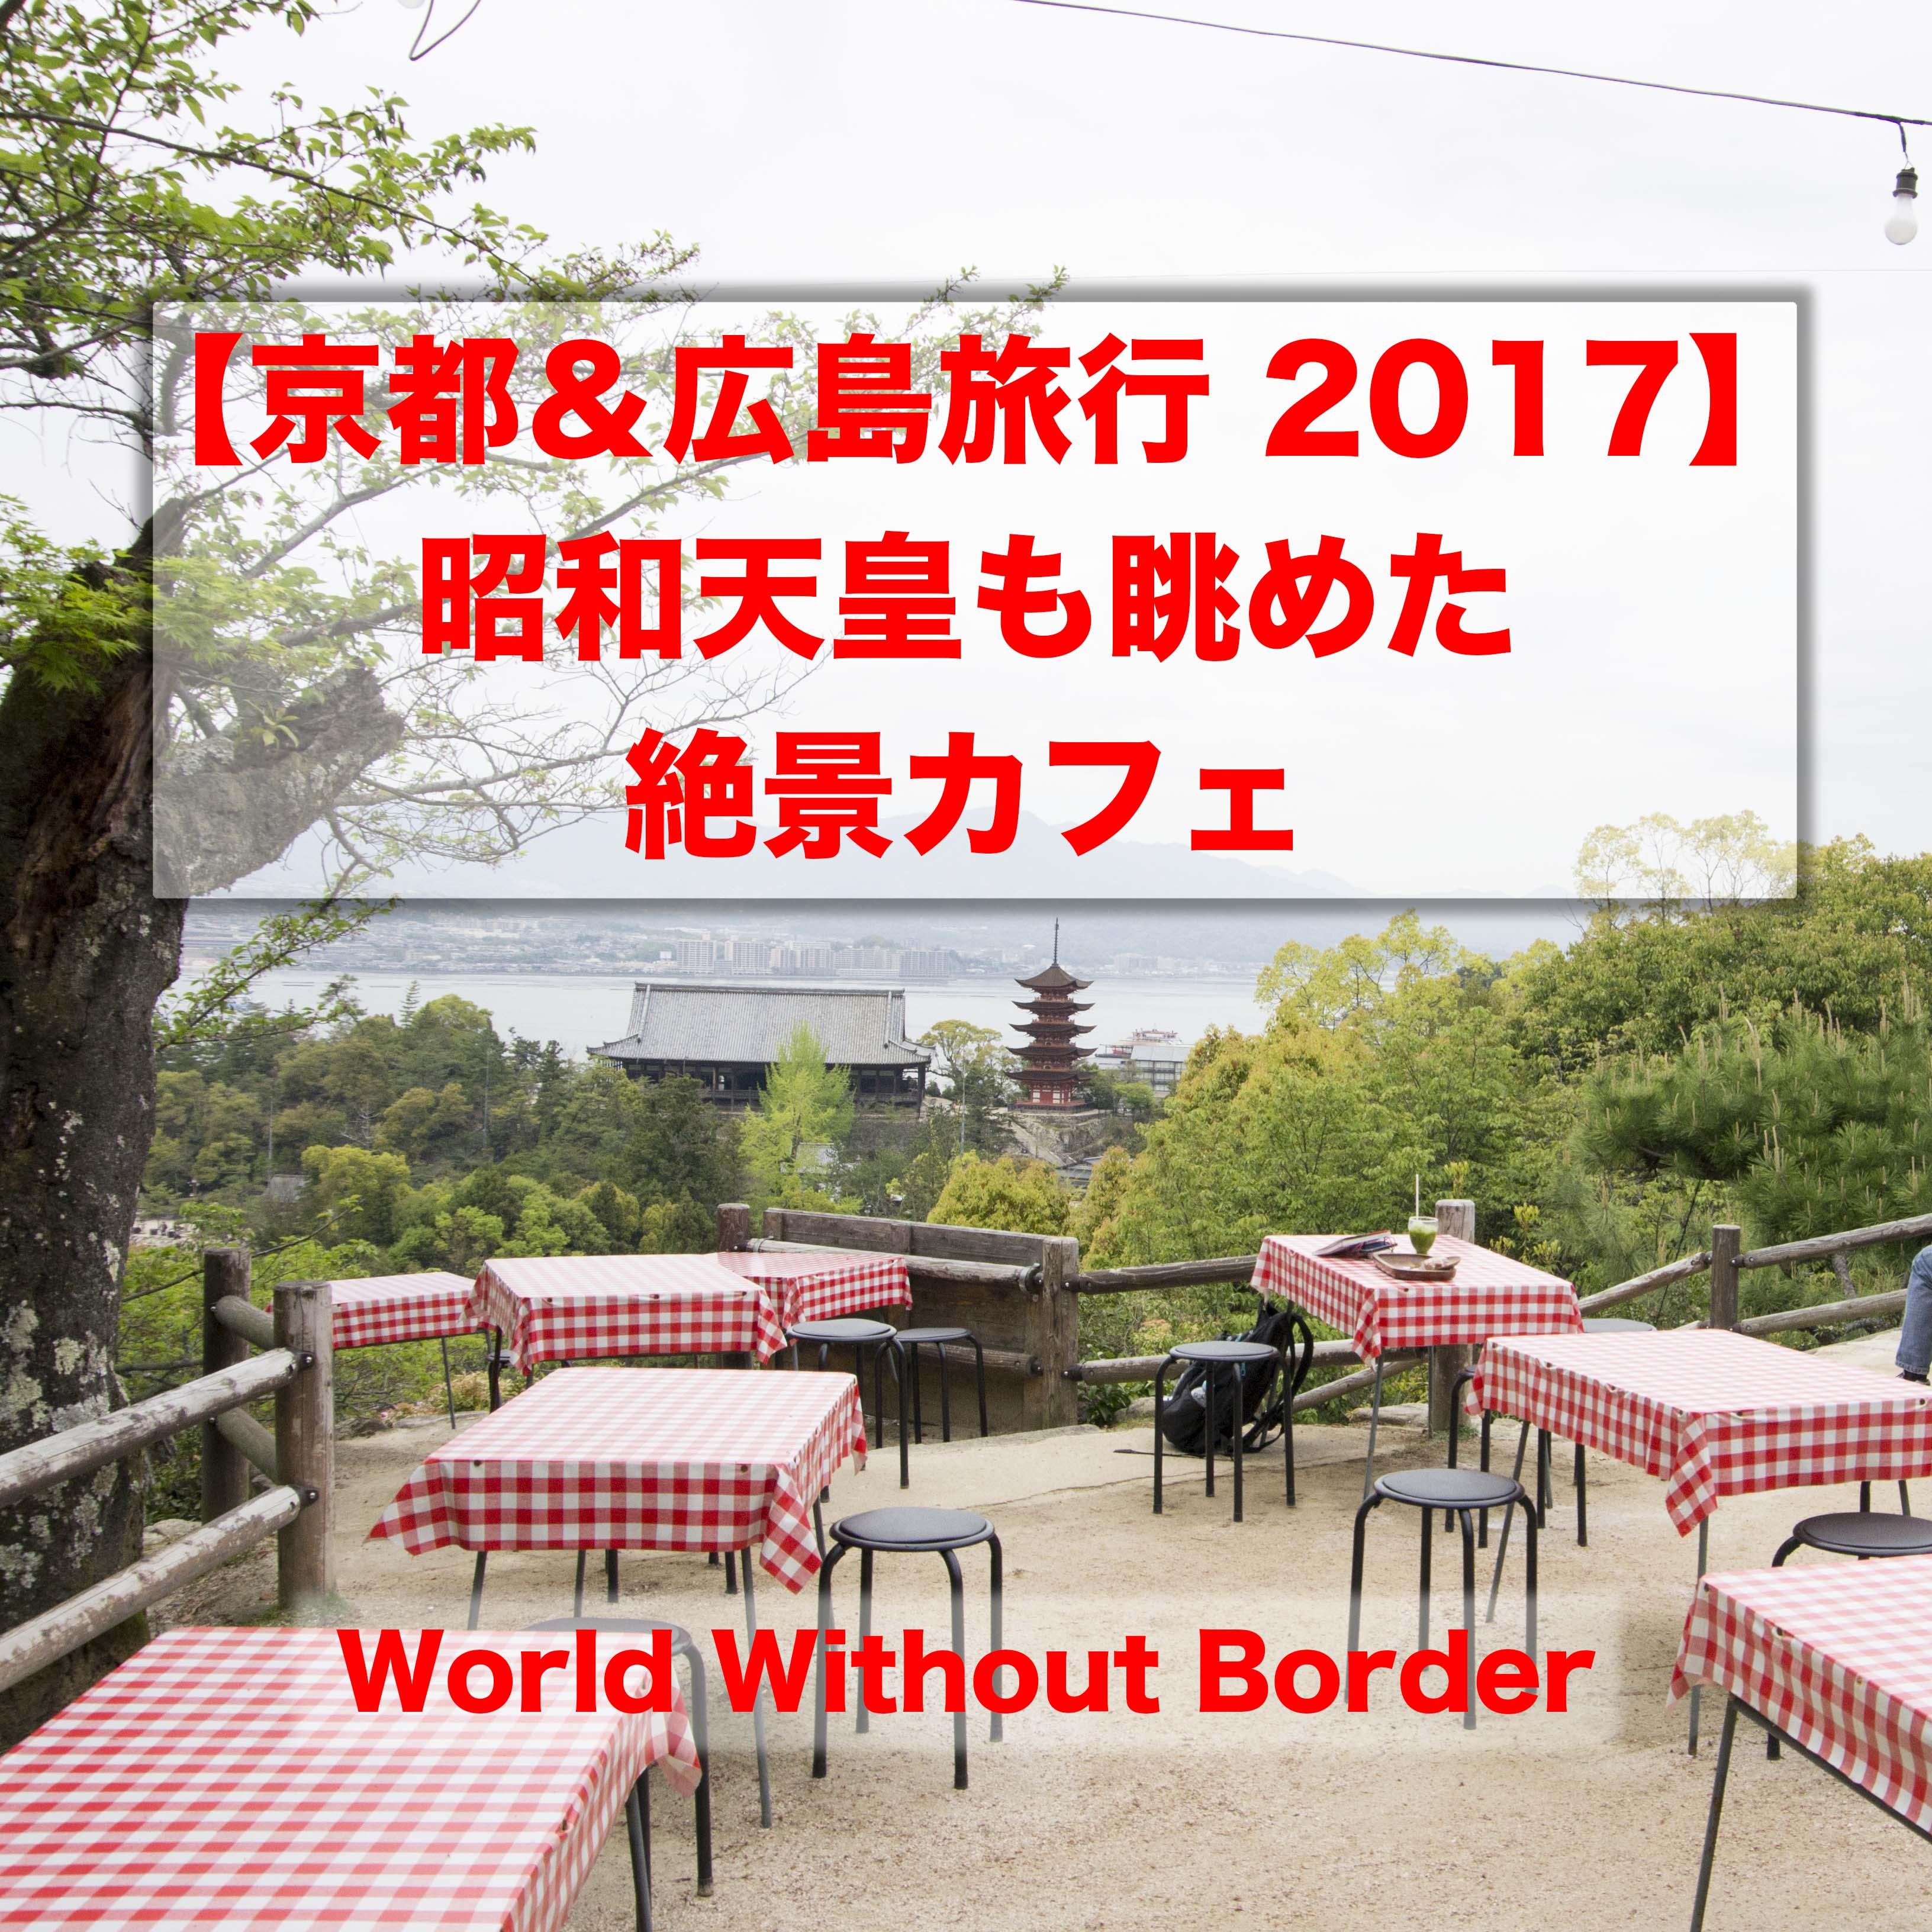 【京都&広島の旅 2017】天皇も眺めた超絶景!! 宮島を一望できるオススメ穴場カフェ